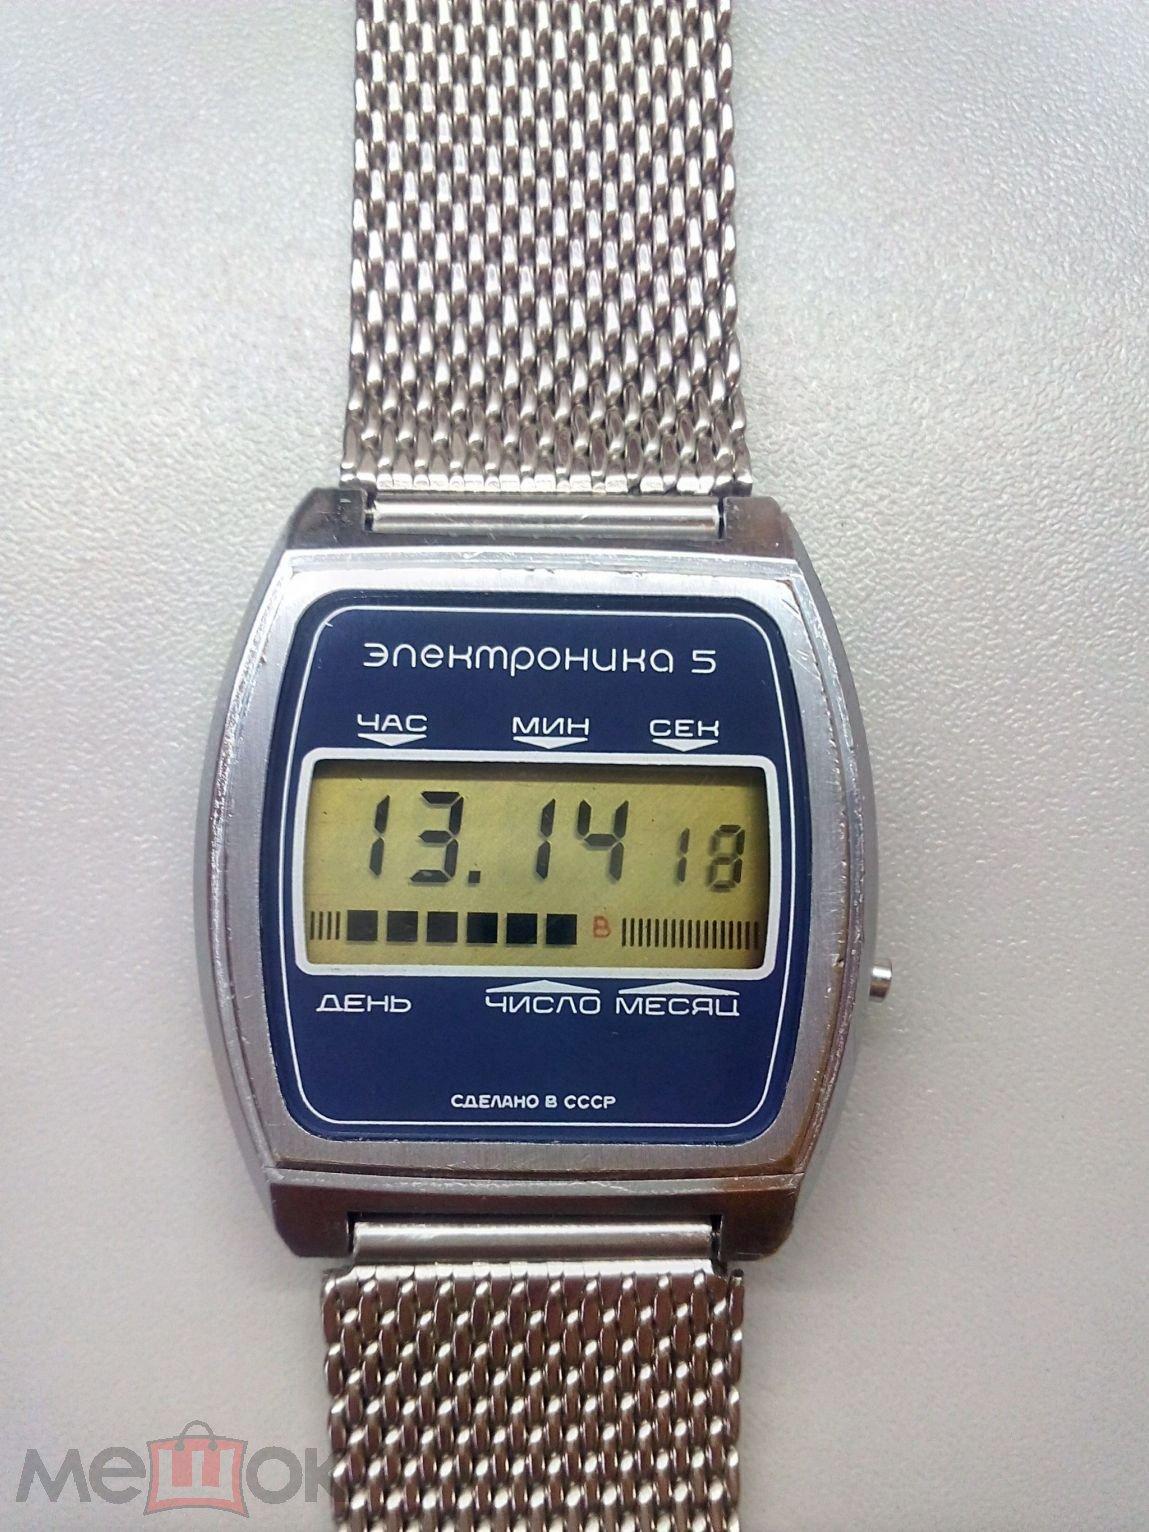 Достоинства и недостатки модели — наручные часы электроника 77а в отзывах покупателей, обзорах, видео и обсуждениях.